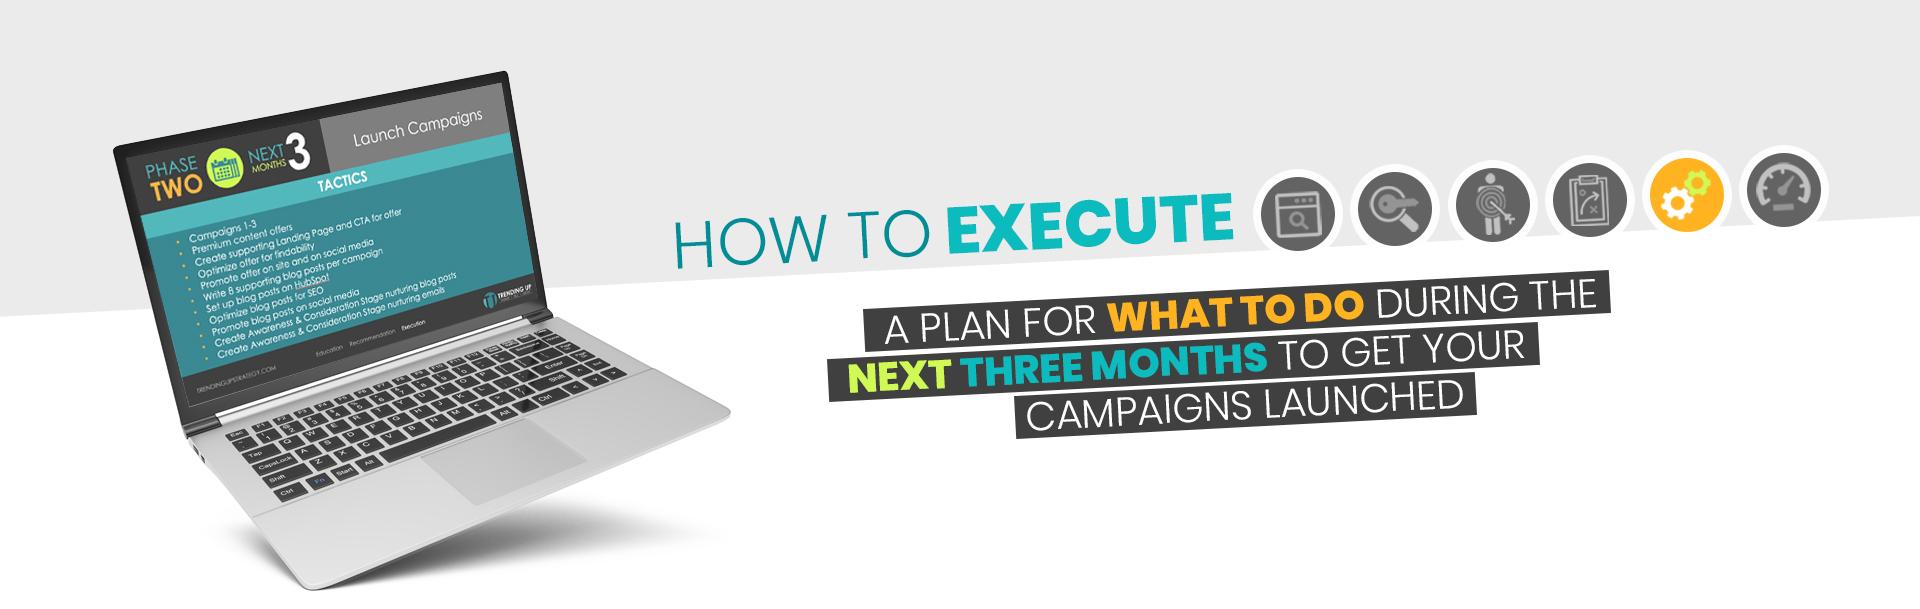 Execute - Next 3